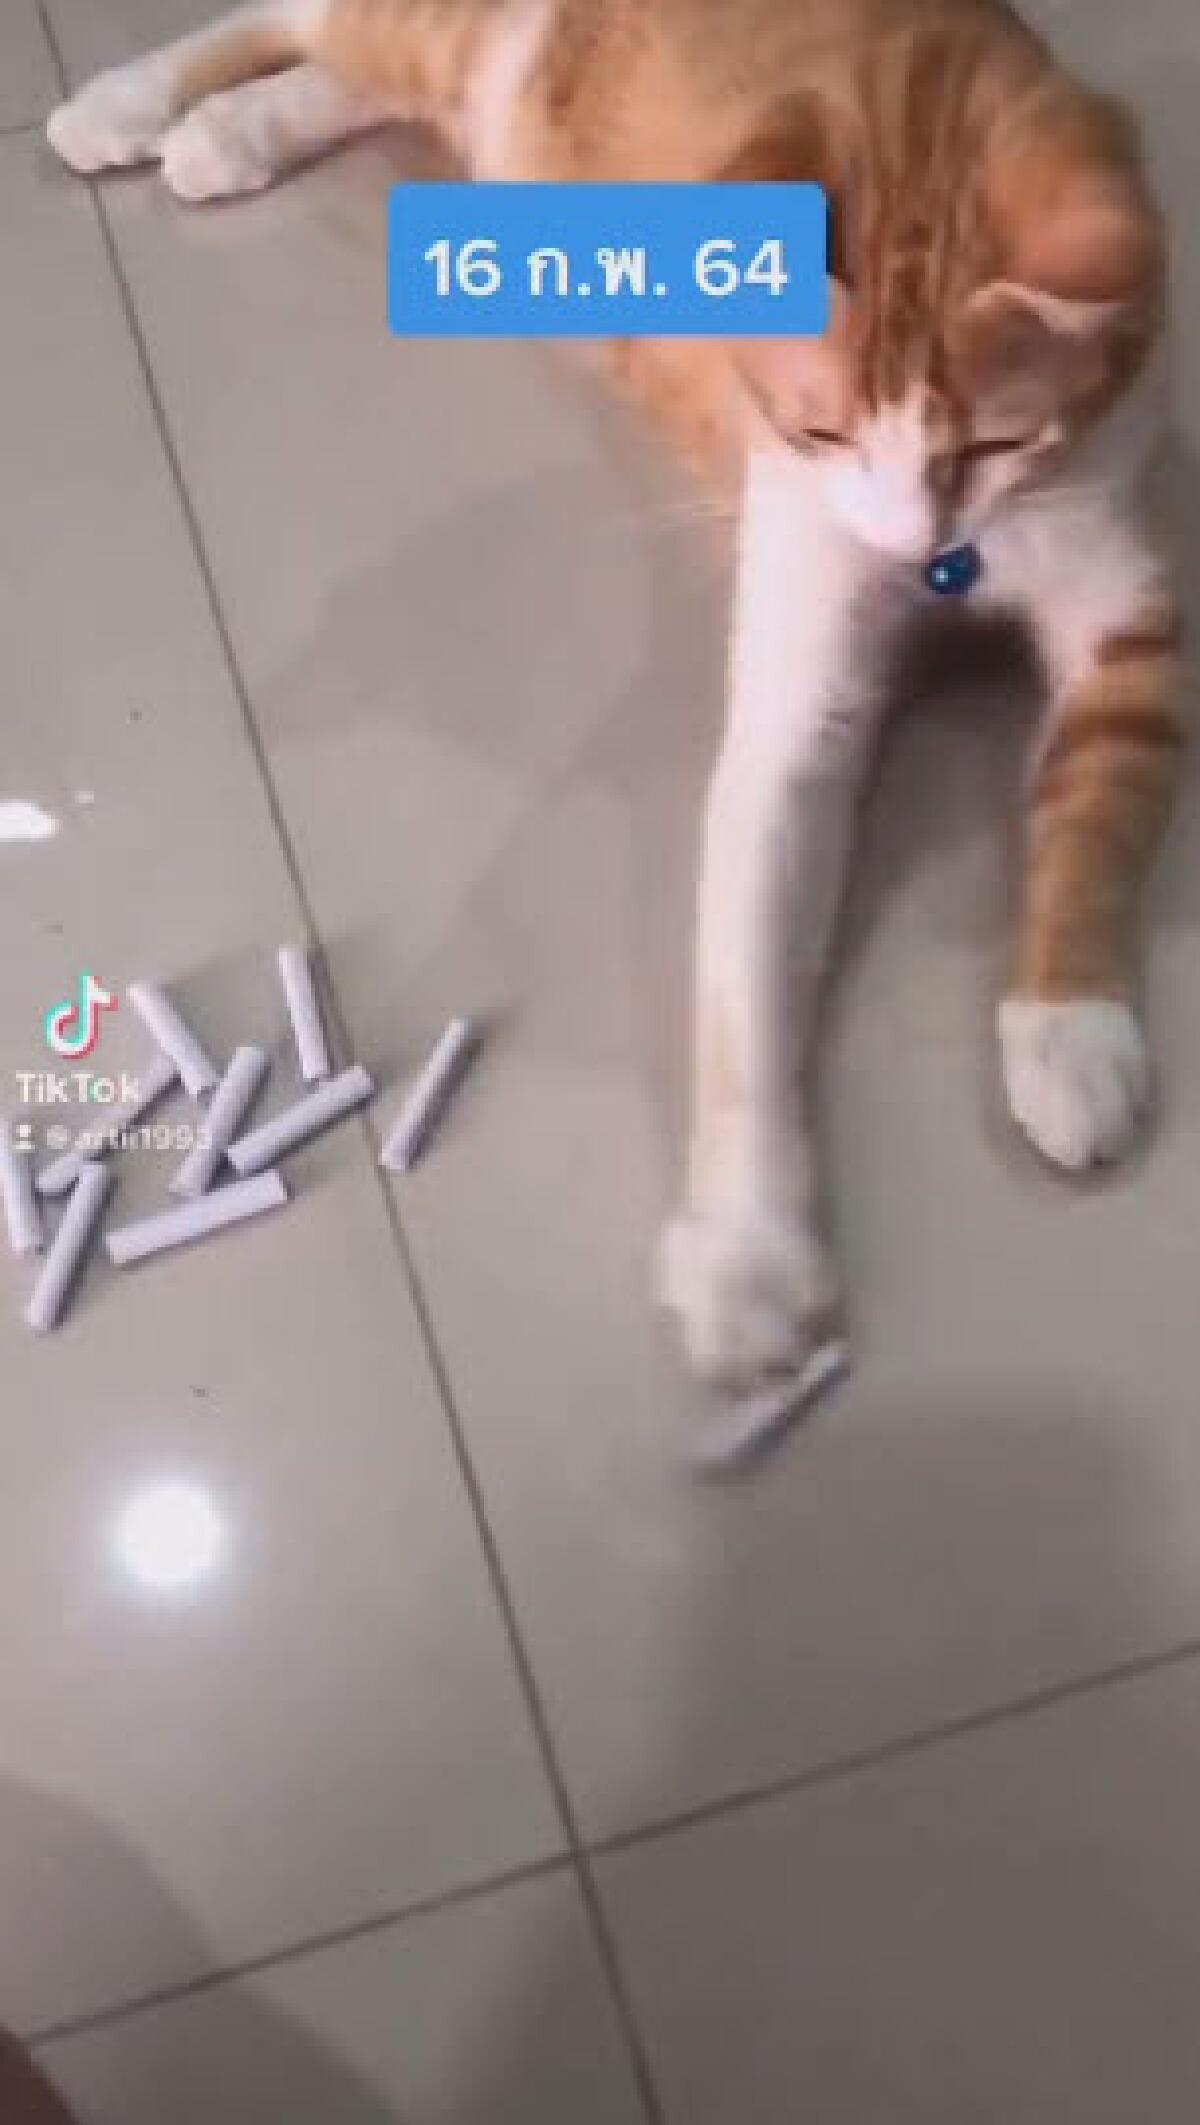 หนุ่มถ่ายแมวส้มลูกรัก สุ่มเลือกเลขเด็ดก่อนตัดสินใจเสี่ยงโชค